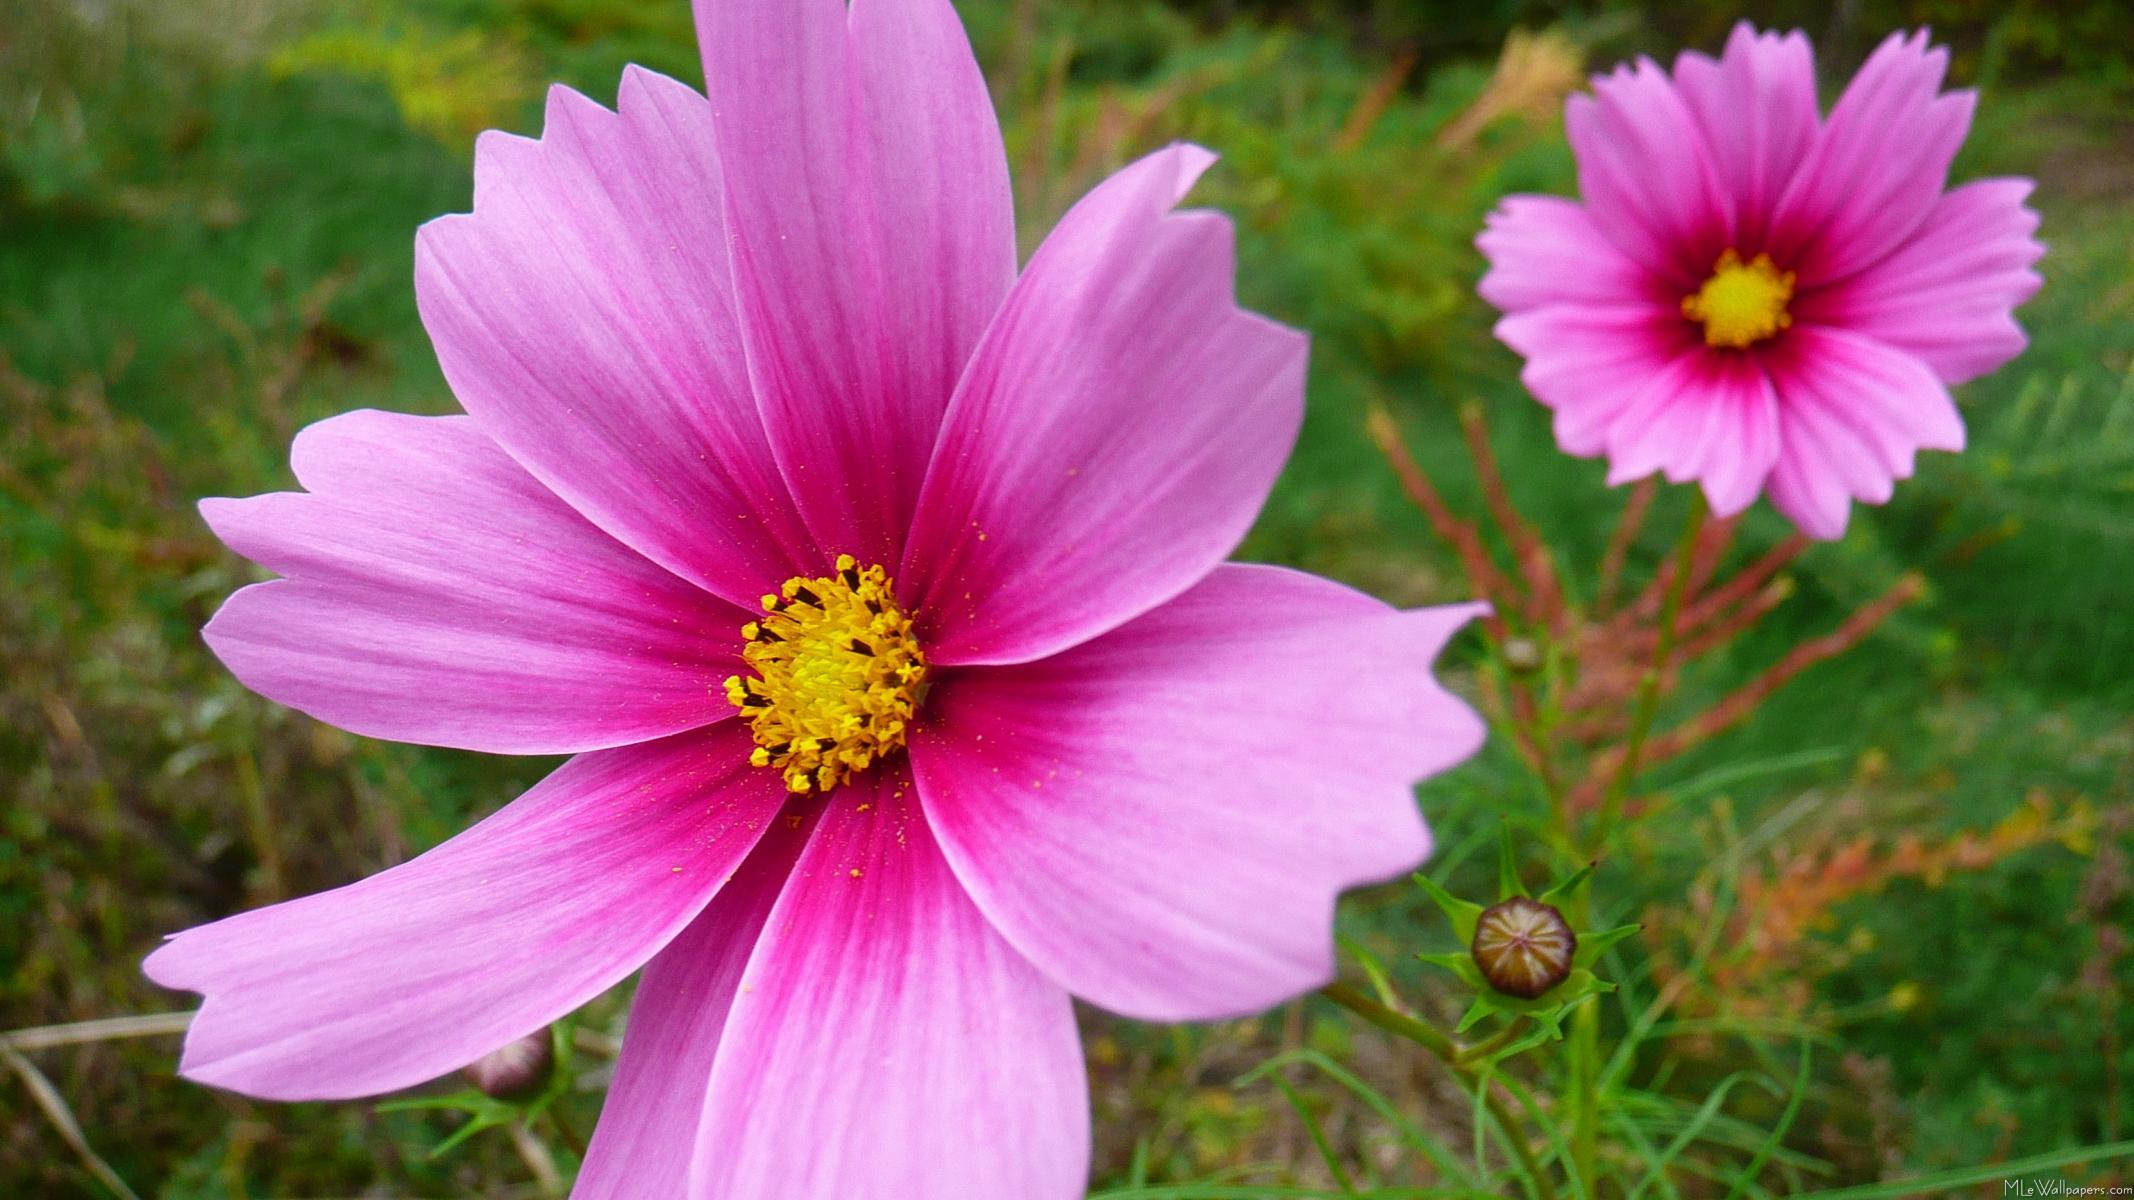 Mlewallpapers Pink Cosmos Flowers